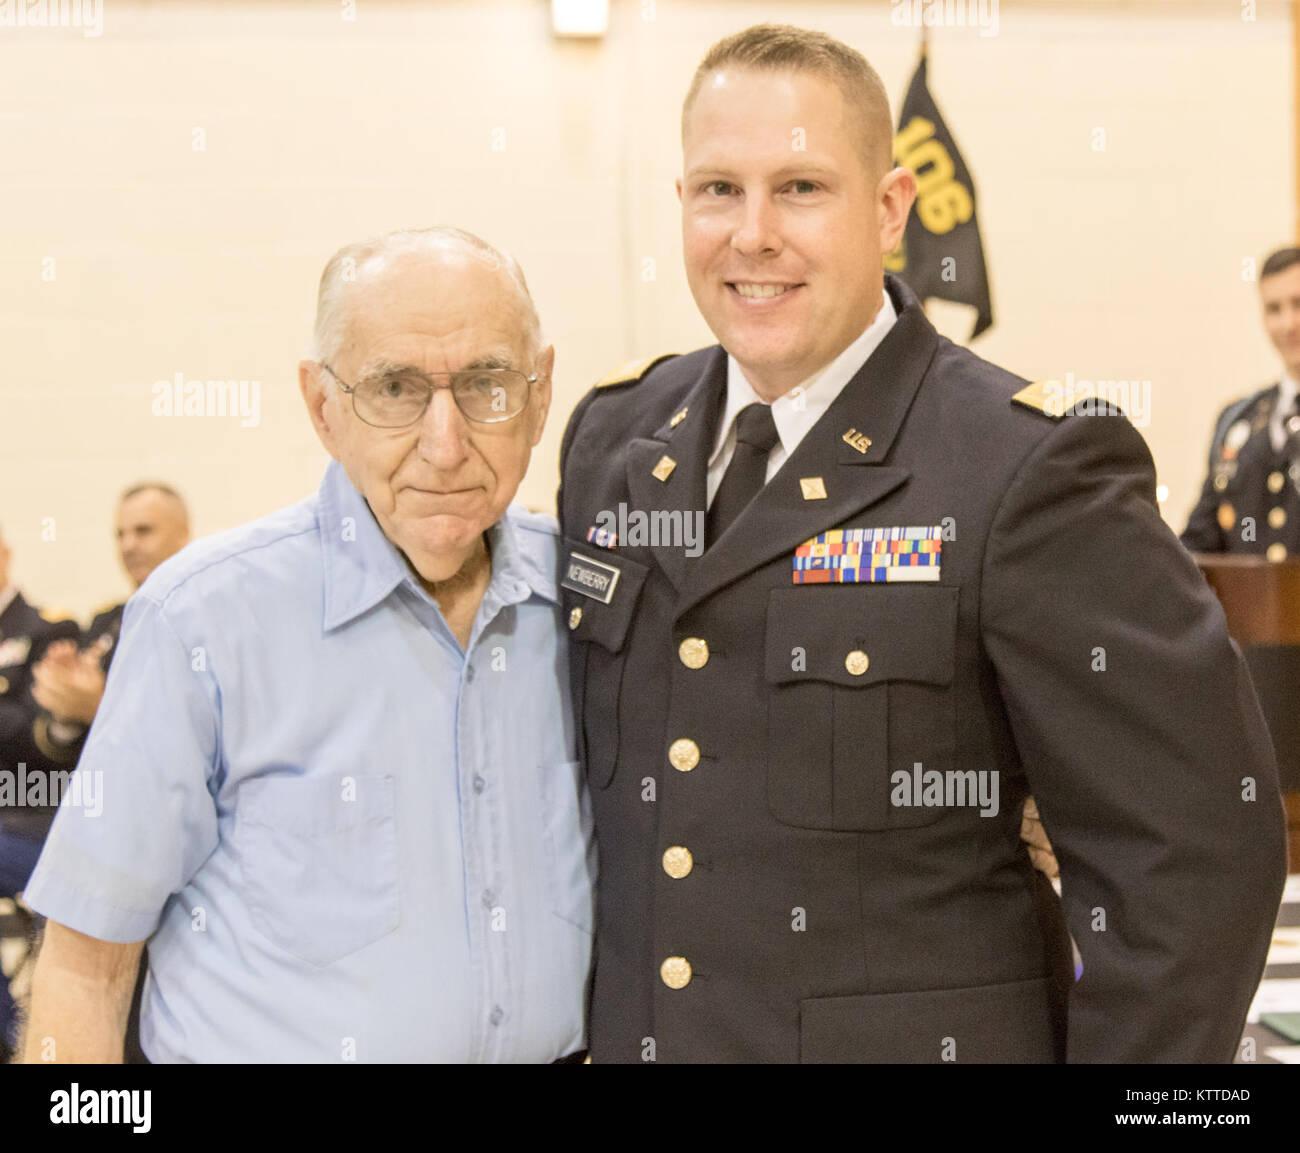 el subteniente del ejército estadounidense duncan newberry graduado